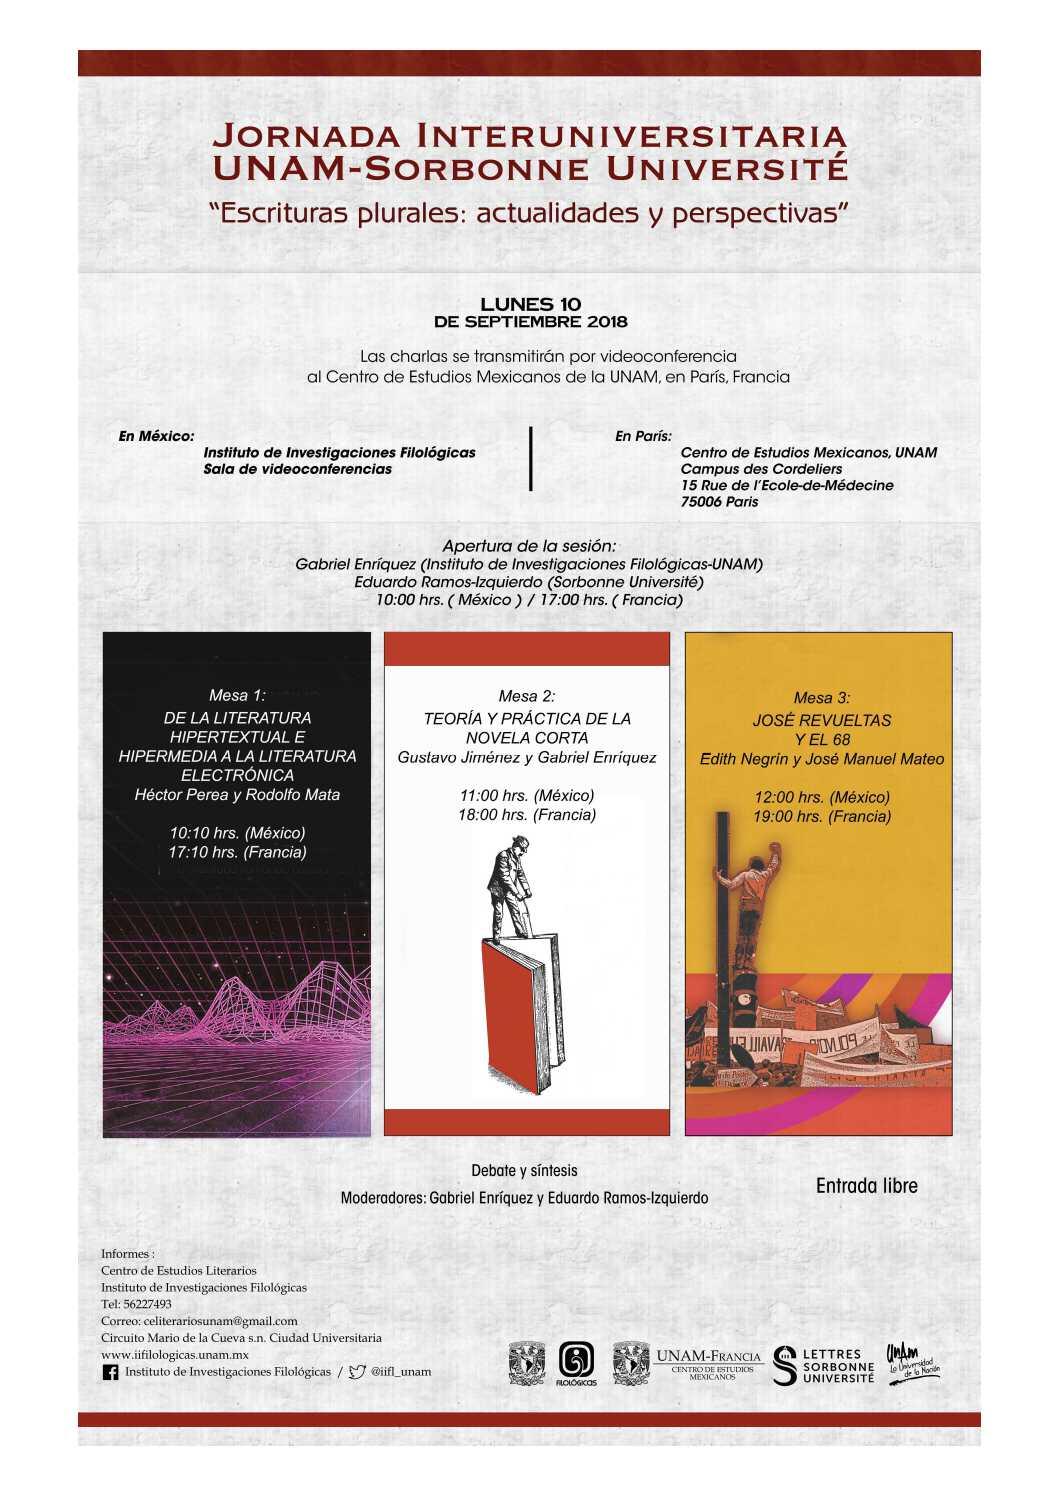 """Jornada de estudios interuniversitaria """"Escrituras plurales: actualidades y perspectivas"""""""